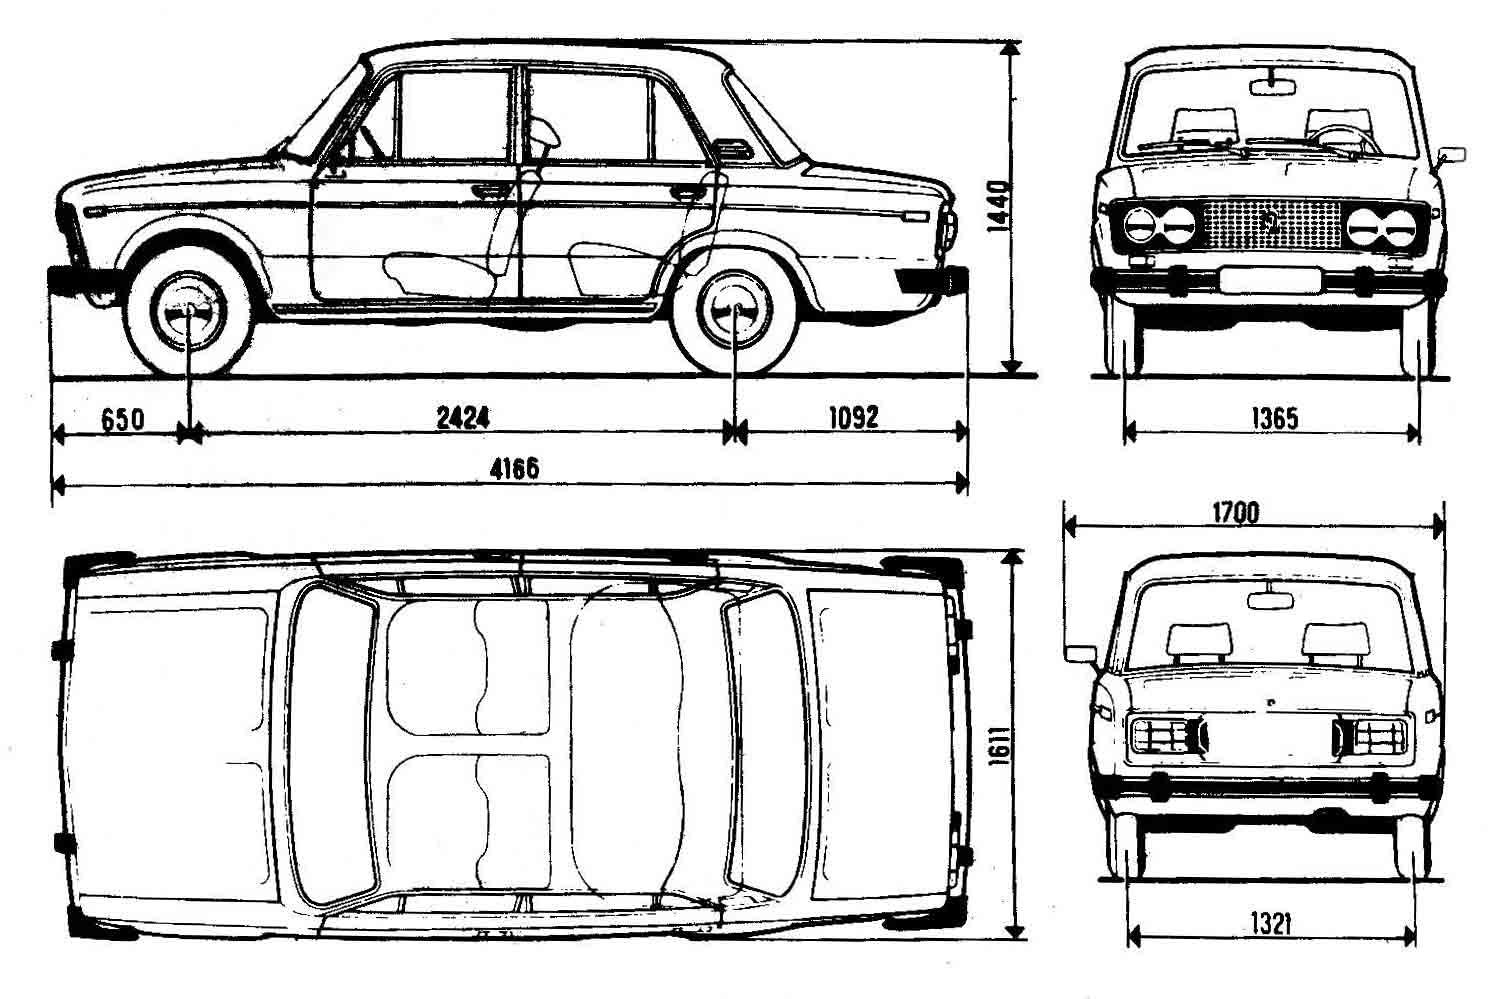 Контакты подрулевых переключателей автомобилей ваз 2105, 2107